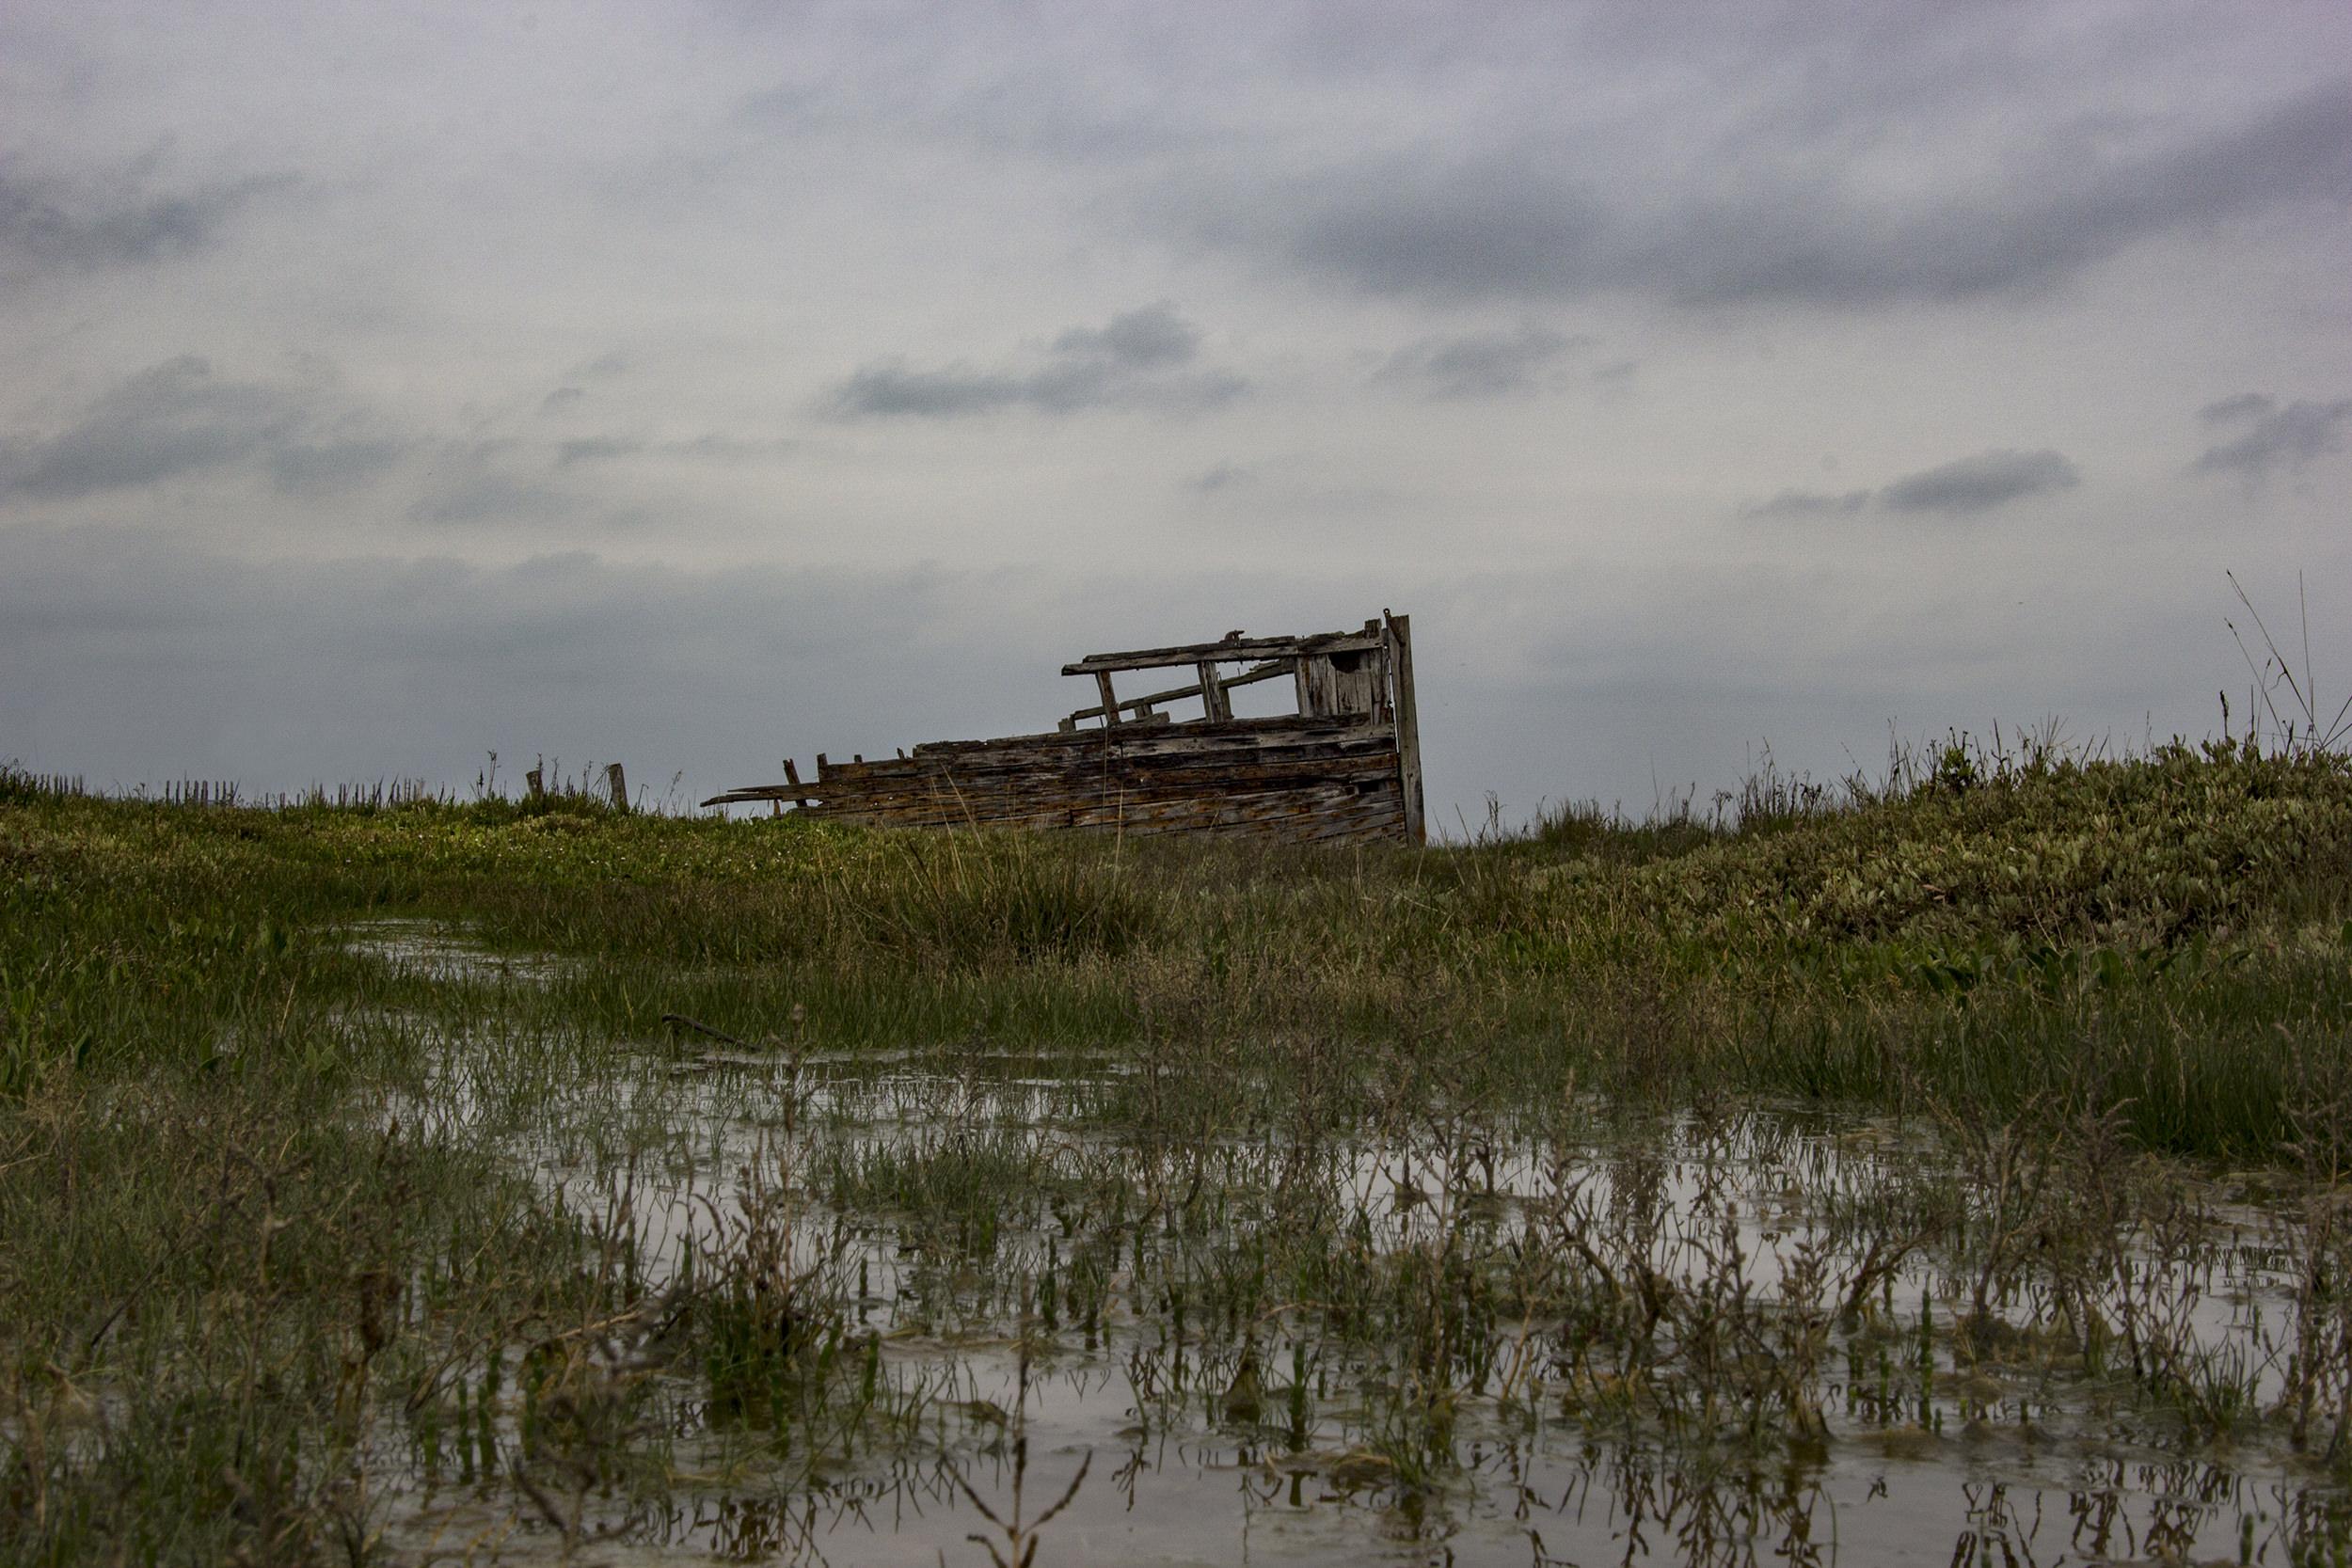 Tollesbury wrecks